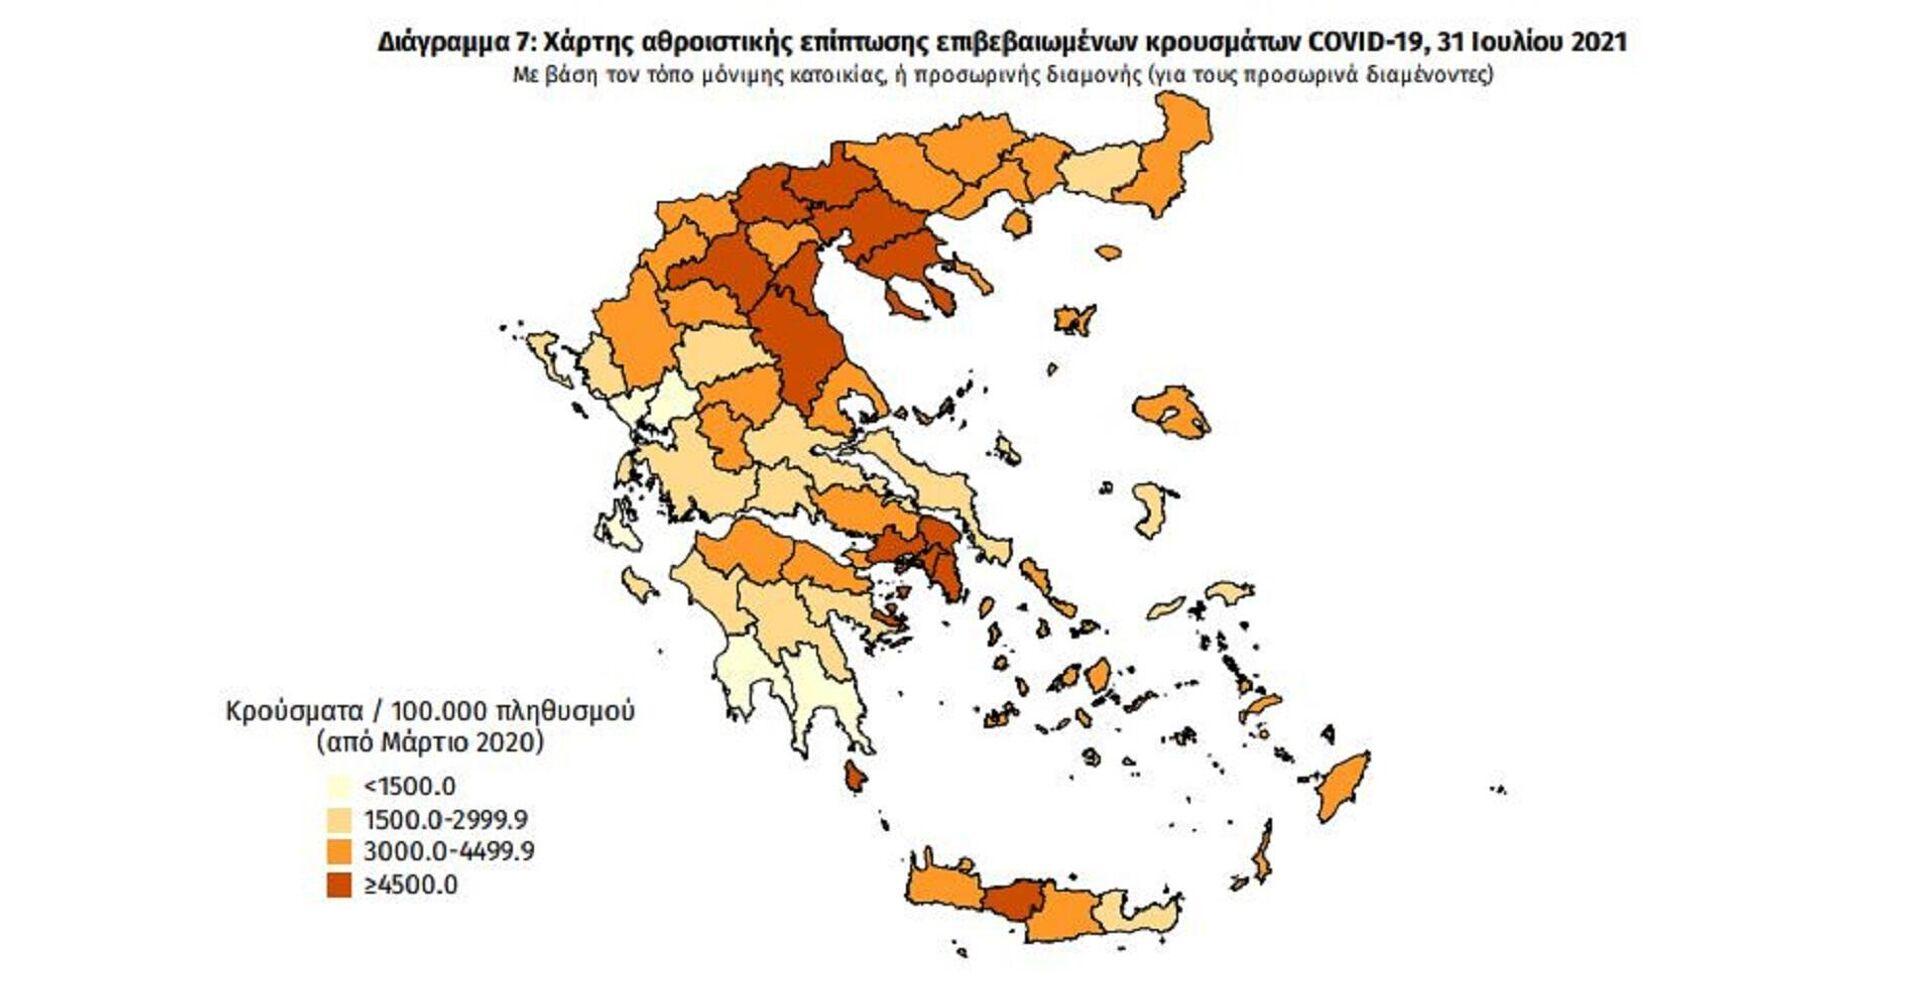 Χάρτης αθροιστικής επίπτωσης επιβεβαιωμένων κρουσμάτων COVID-19, 31 Ιουλίου 2021 - Sputnik Ελλάδα, 1920, 31.07.2021